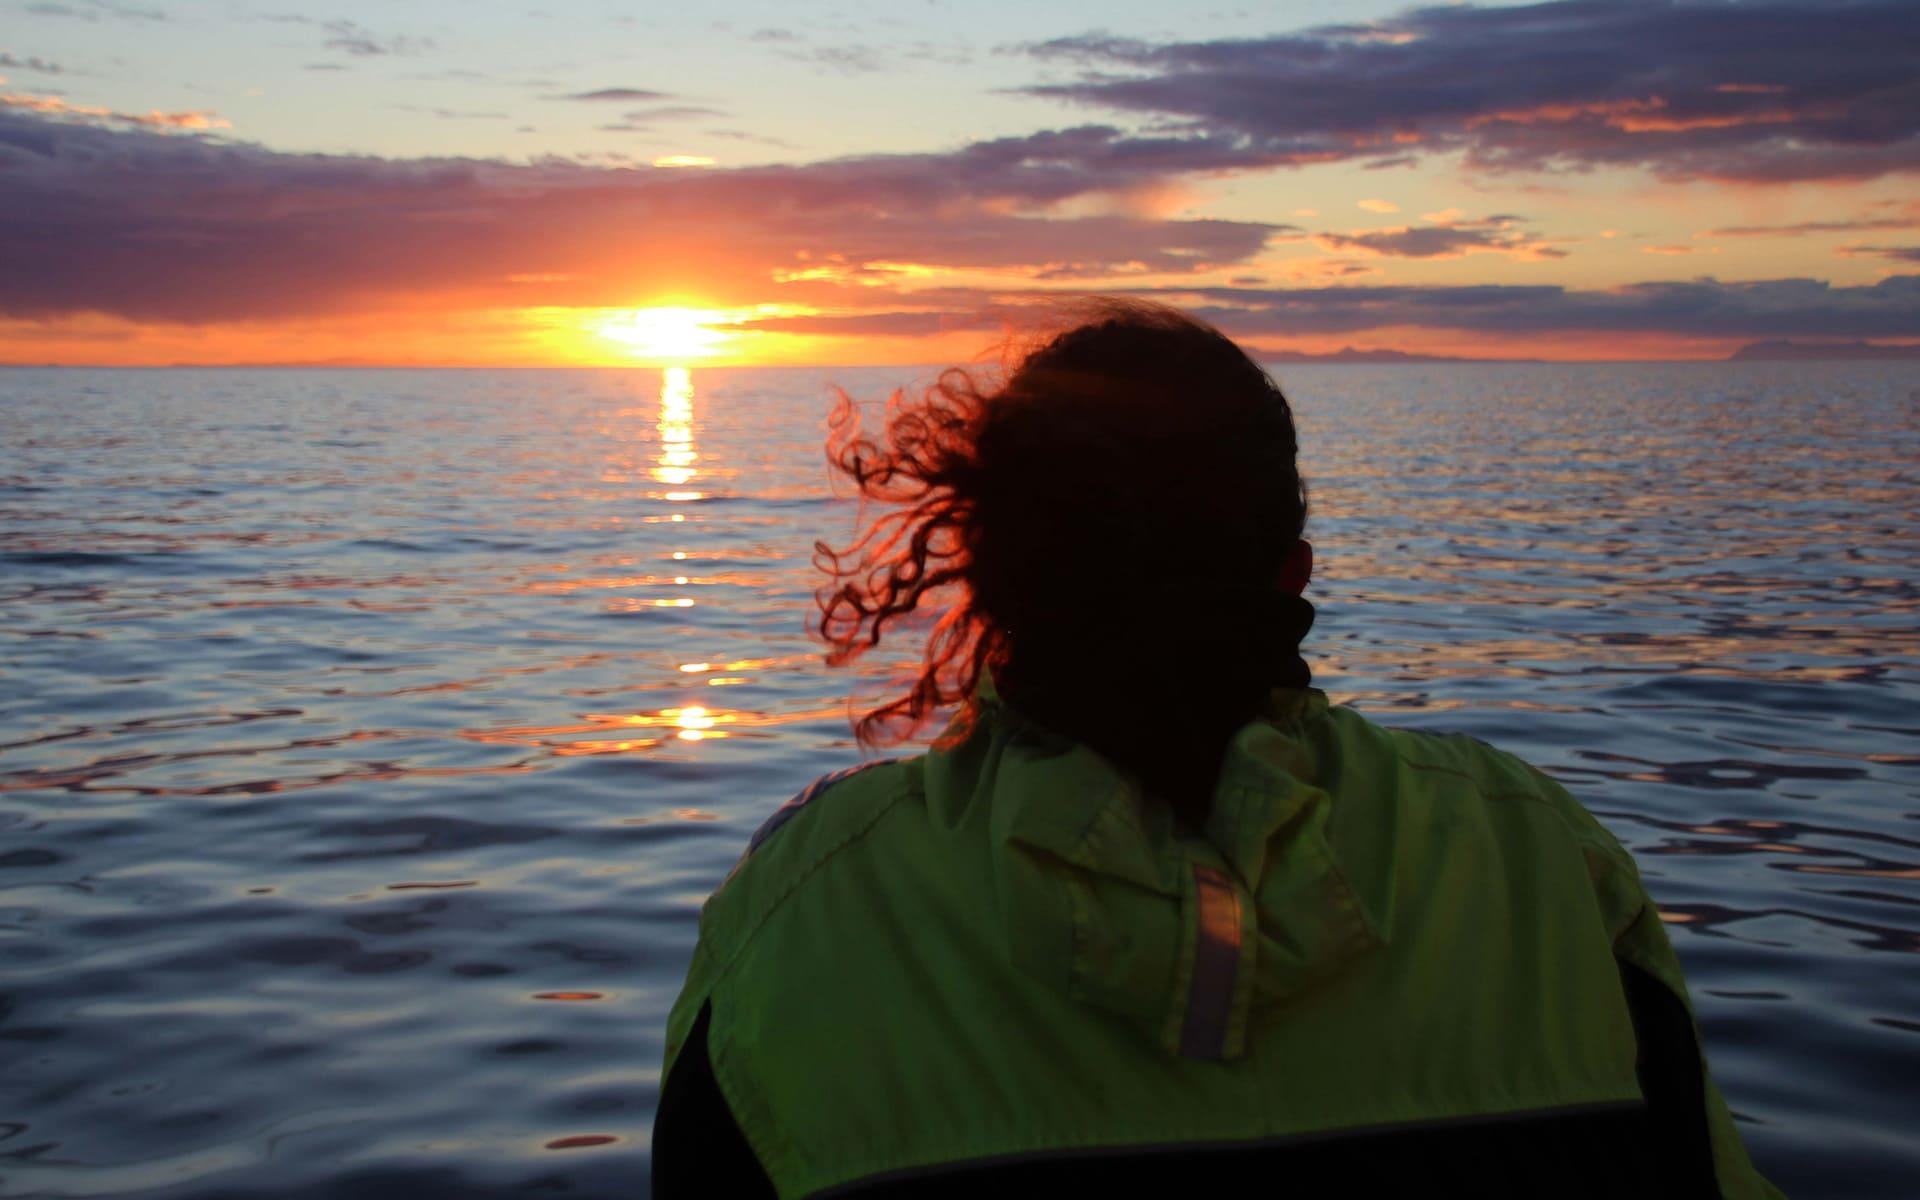 Midnight Sun at Faxafloi Bay